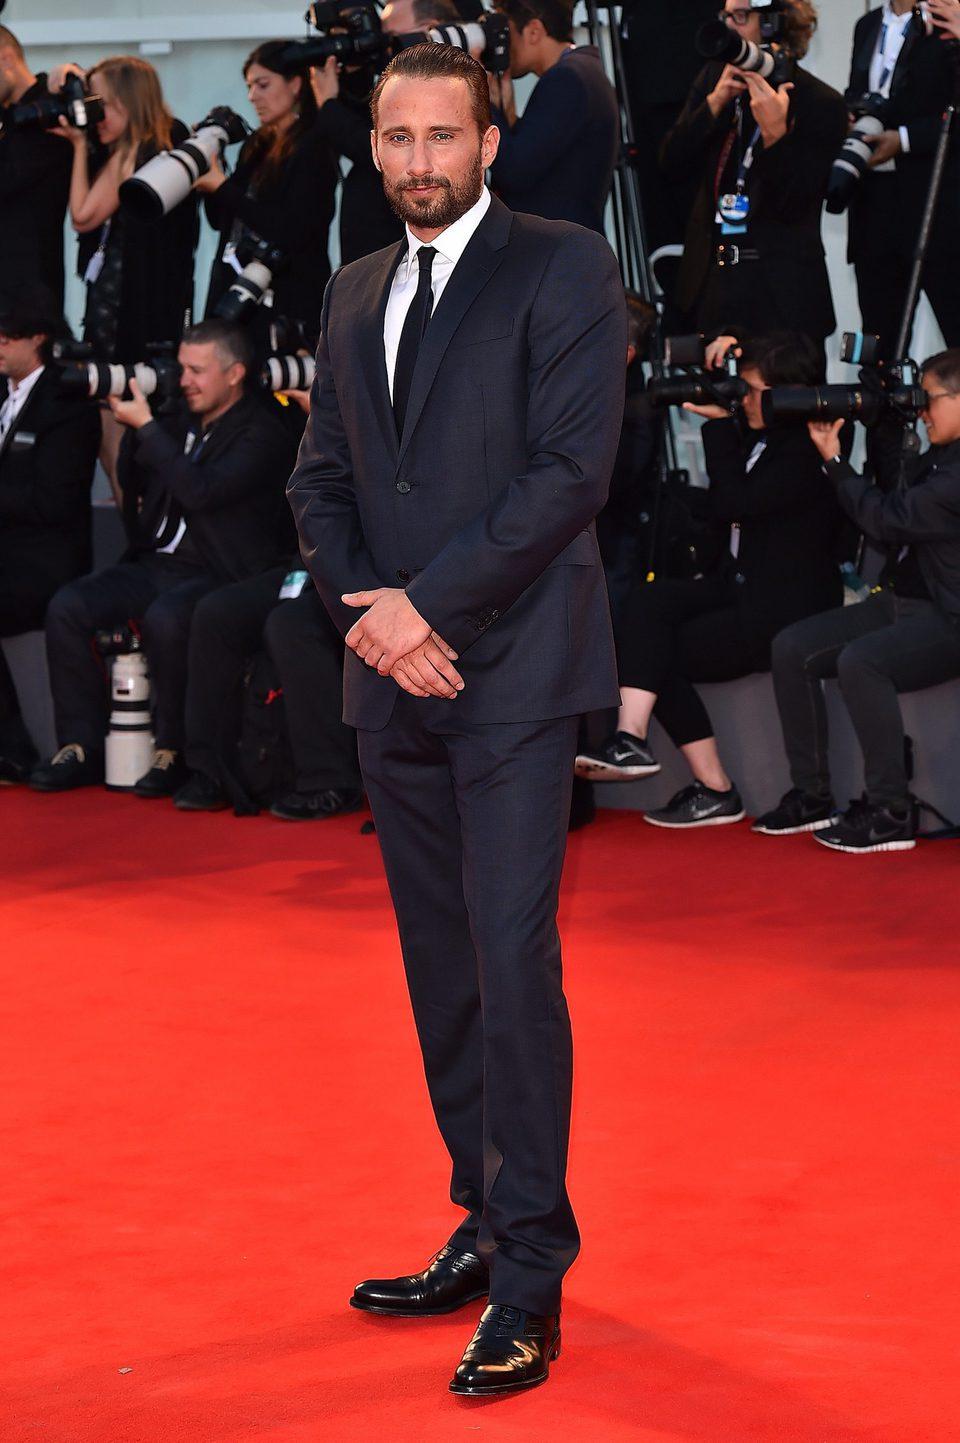 Matthias Schoenaerts O ator belga foi outro que acertou na hora de se vestir para a noite. A combinação do marinho com preto foi acertada. Faltou só aquela passada no alfaiate para acertar as medidas do paletó.